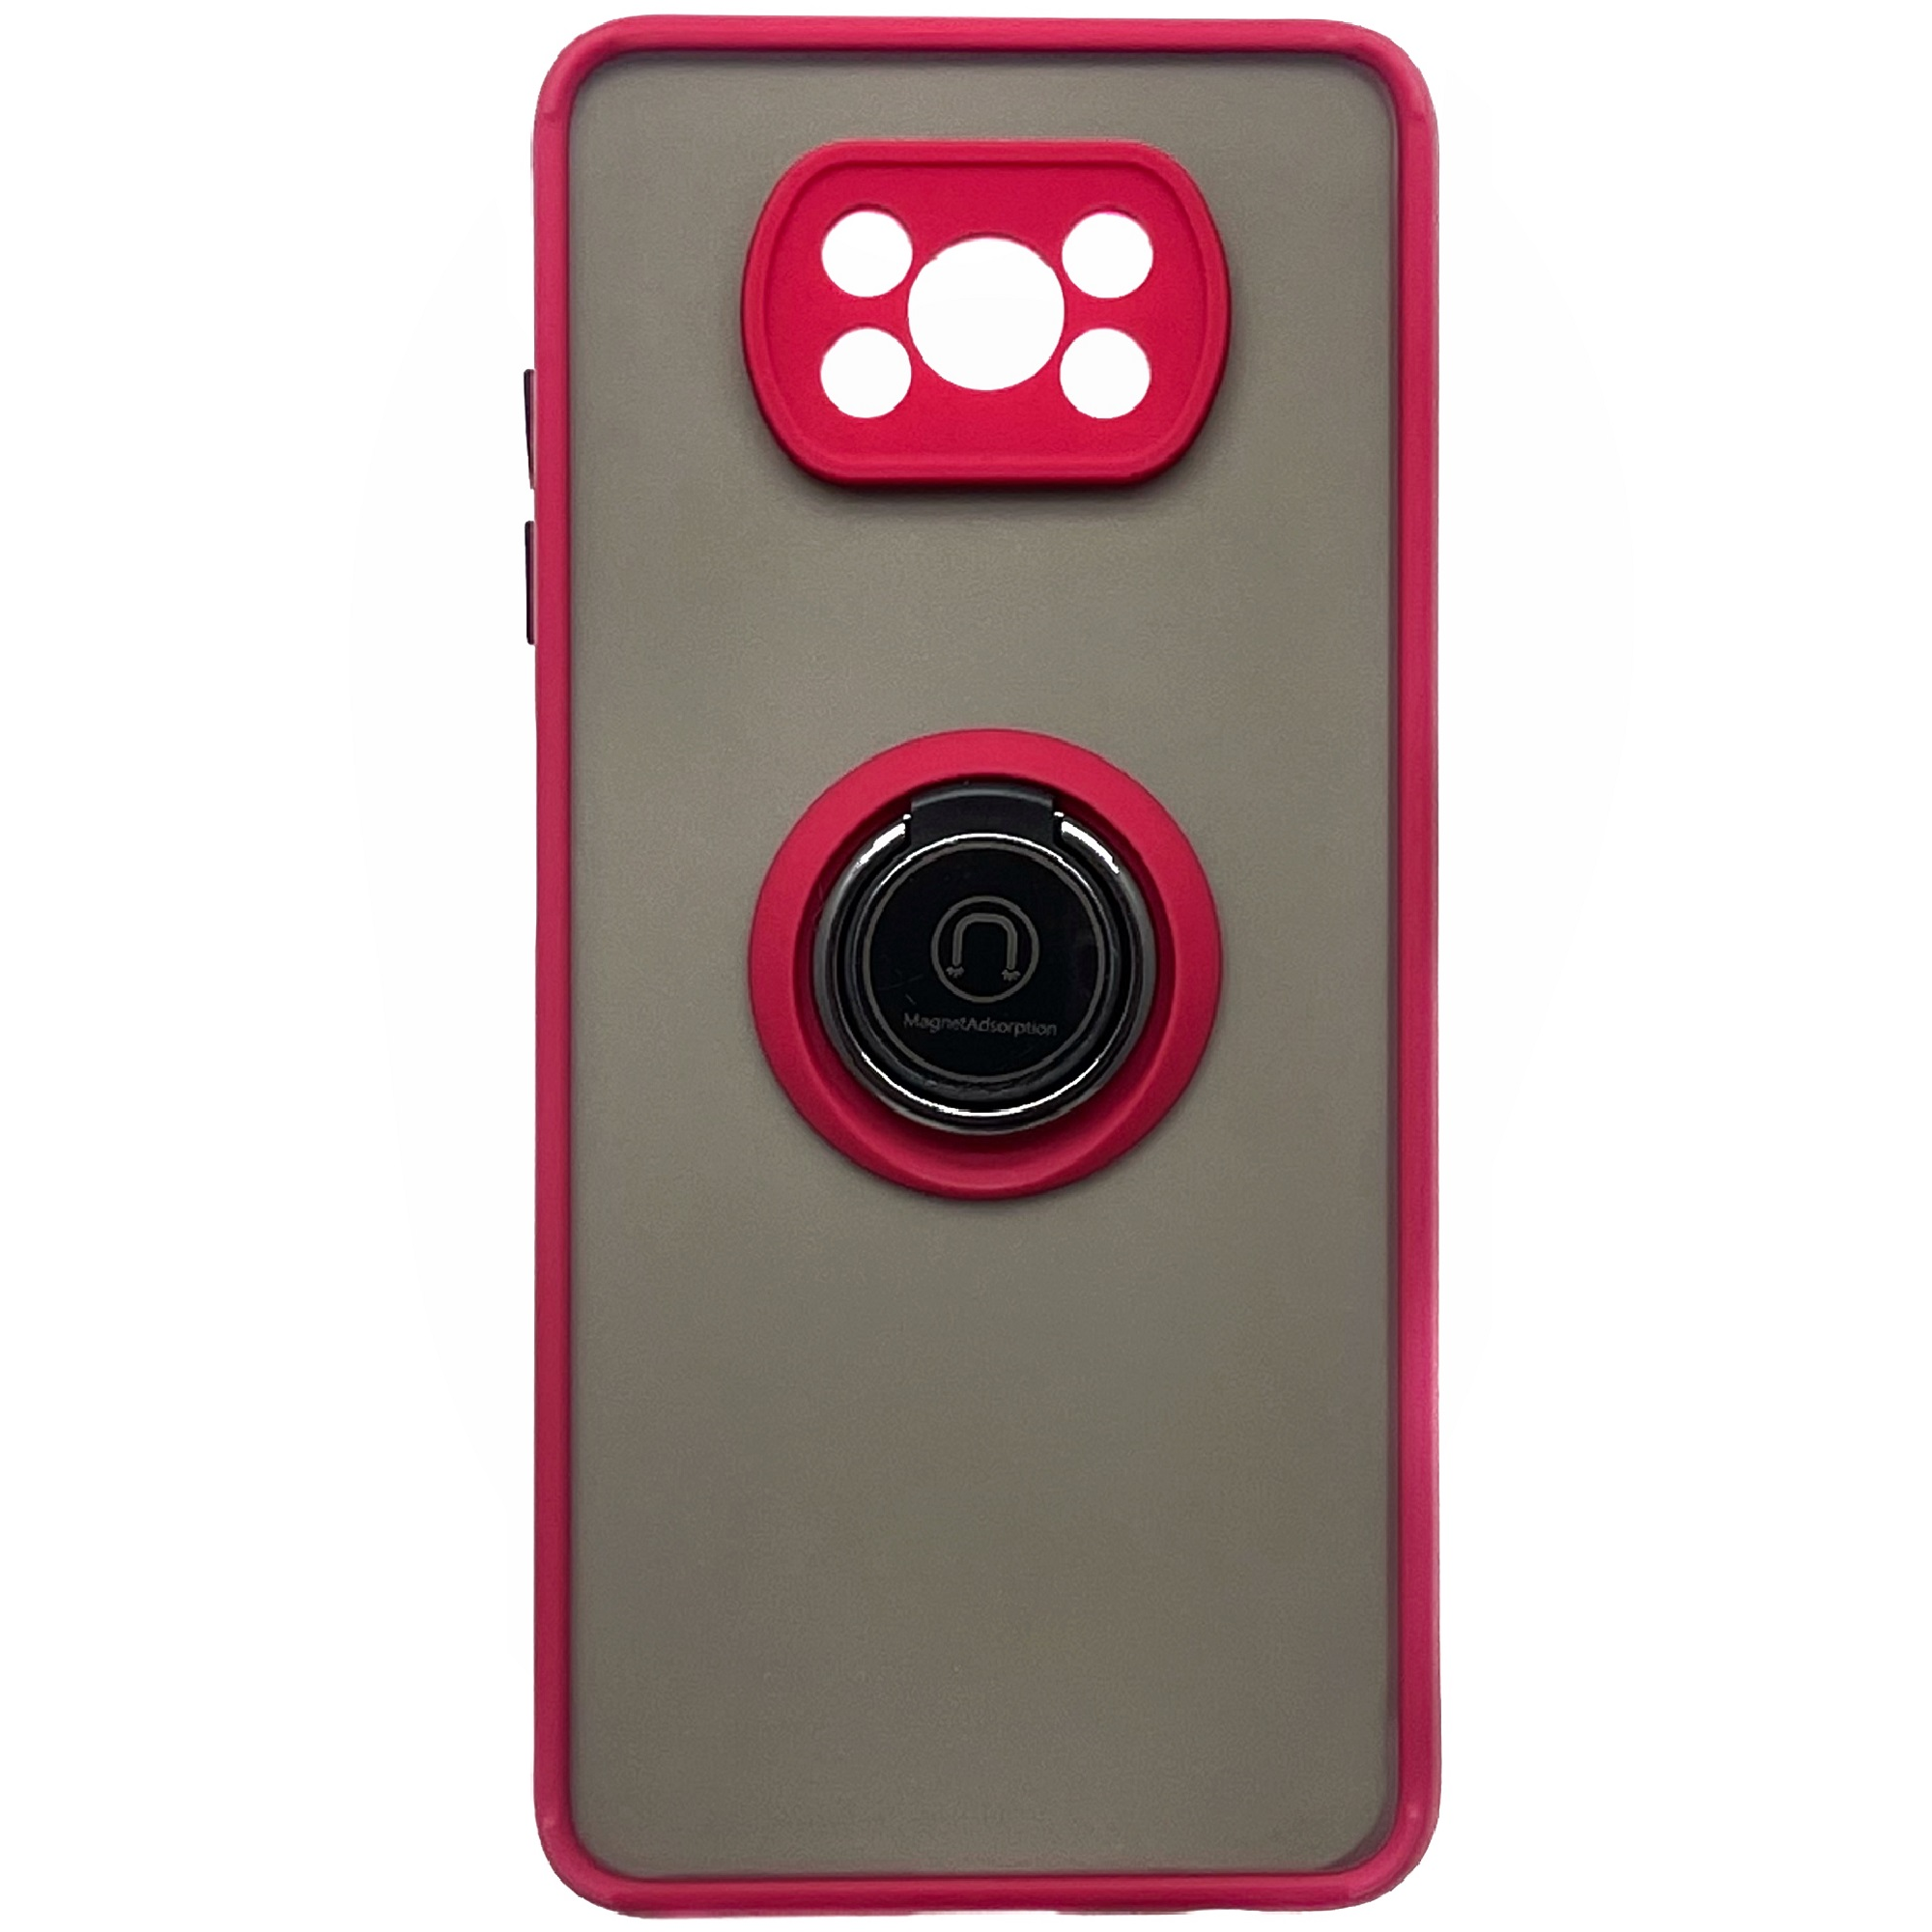 بررسی و {خرید با تخفیف} کاور مدل RPx3 مناسب برای گوشی موبایل شیائومیPOCO X3 /X3 NFC اصل